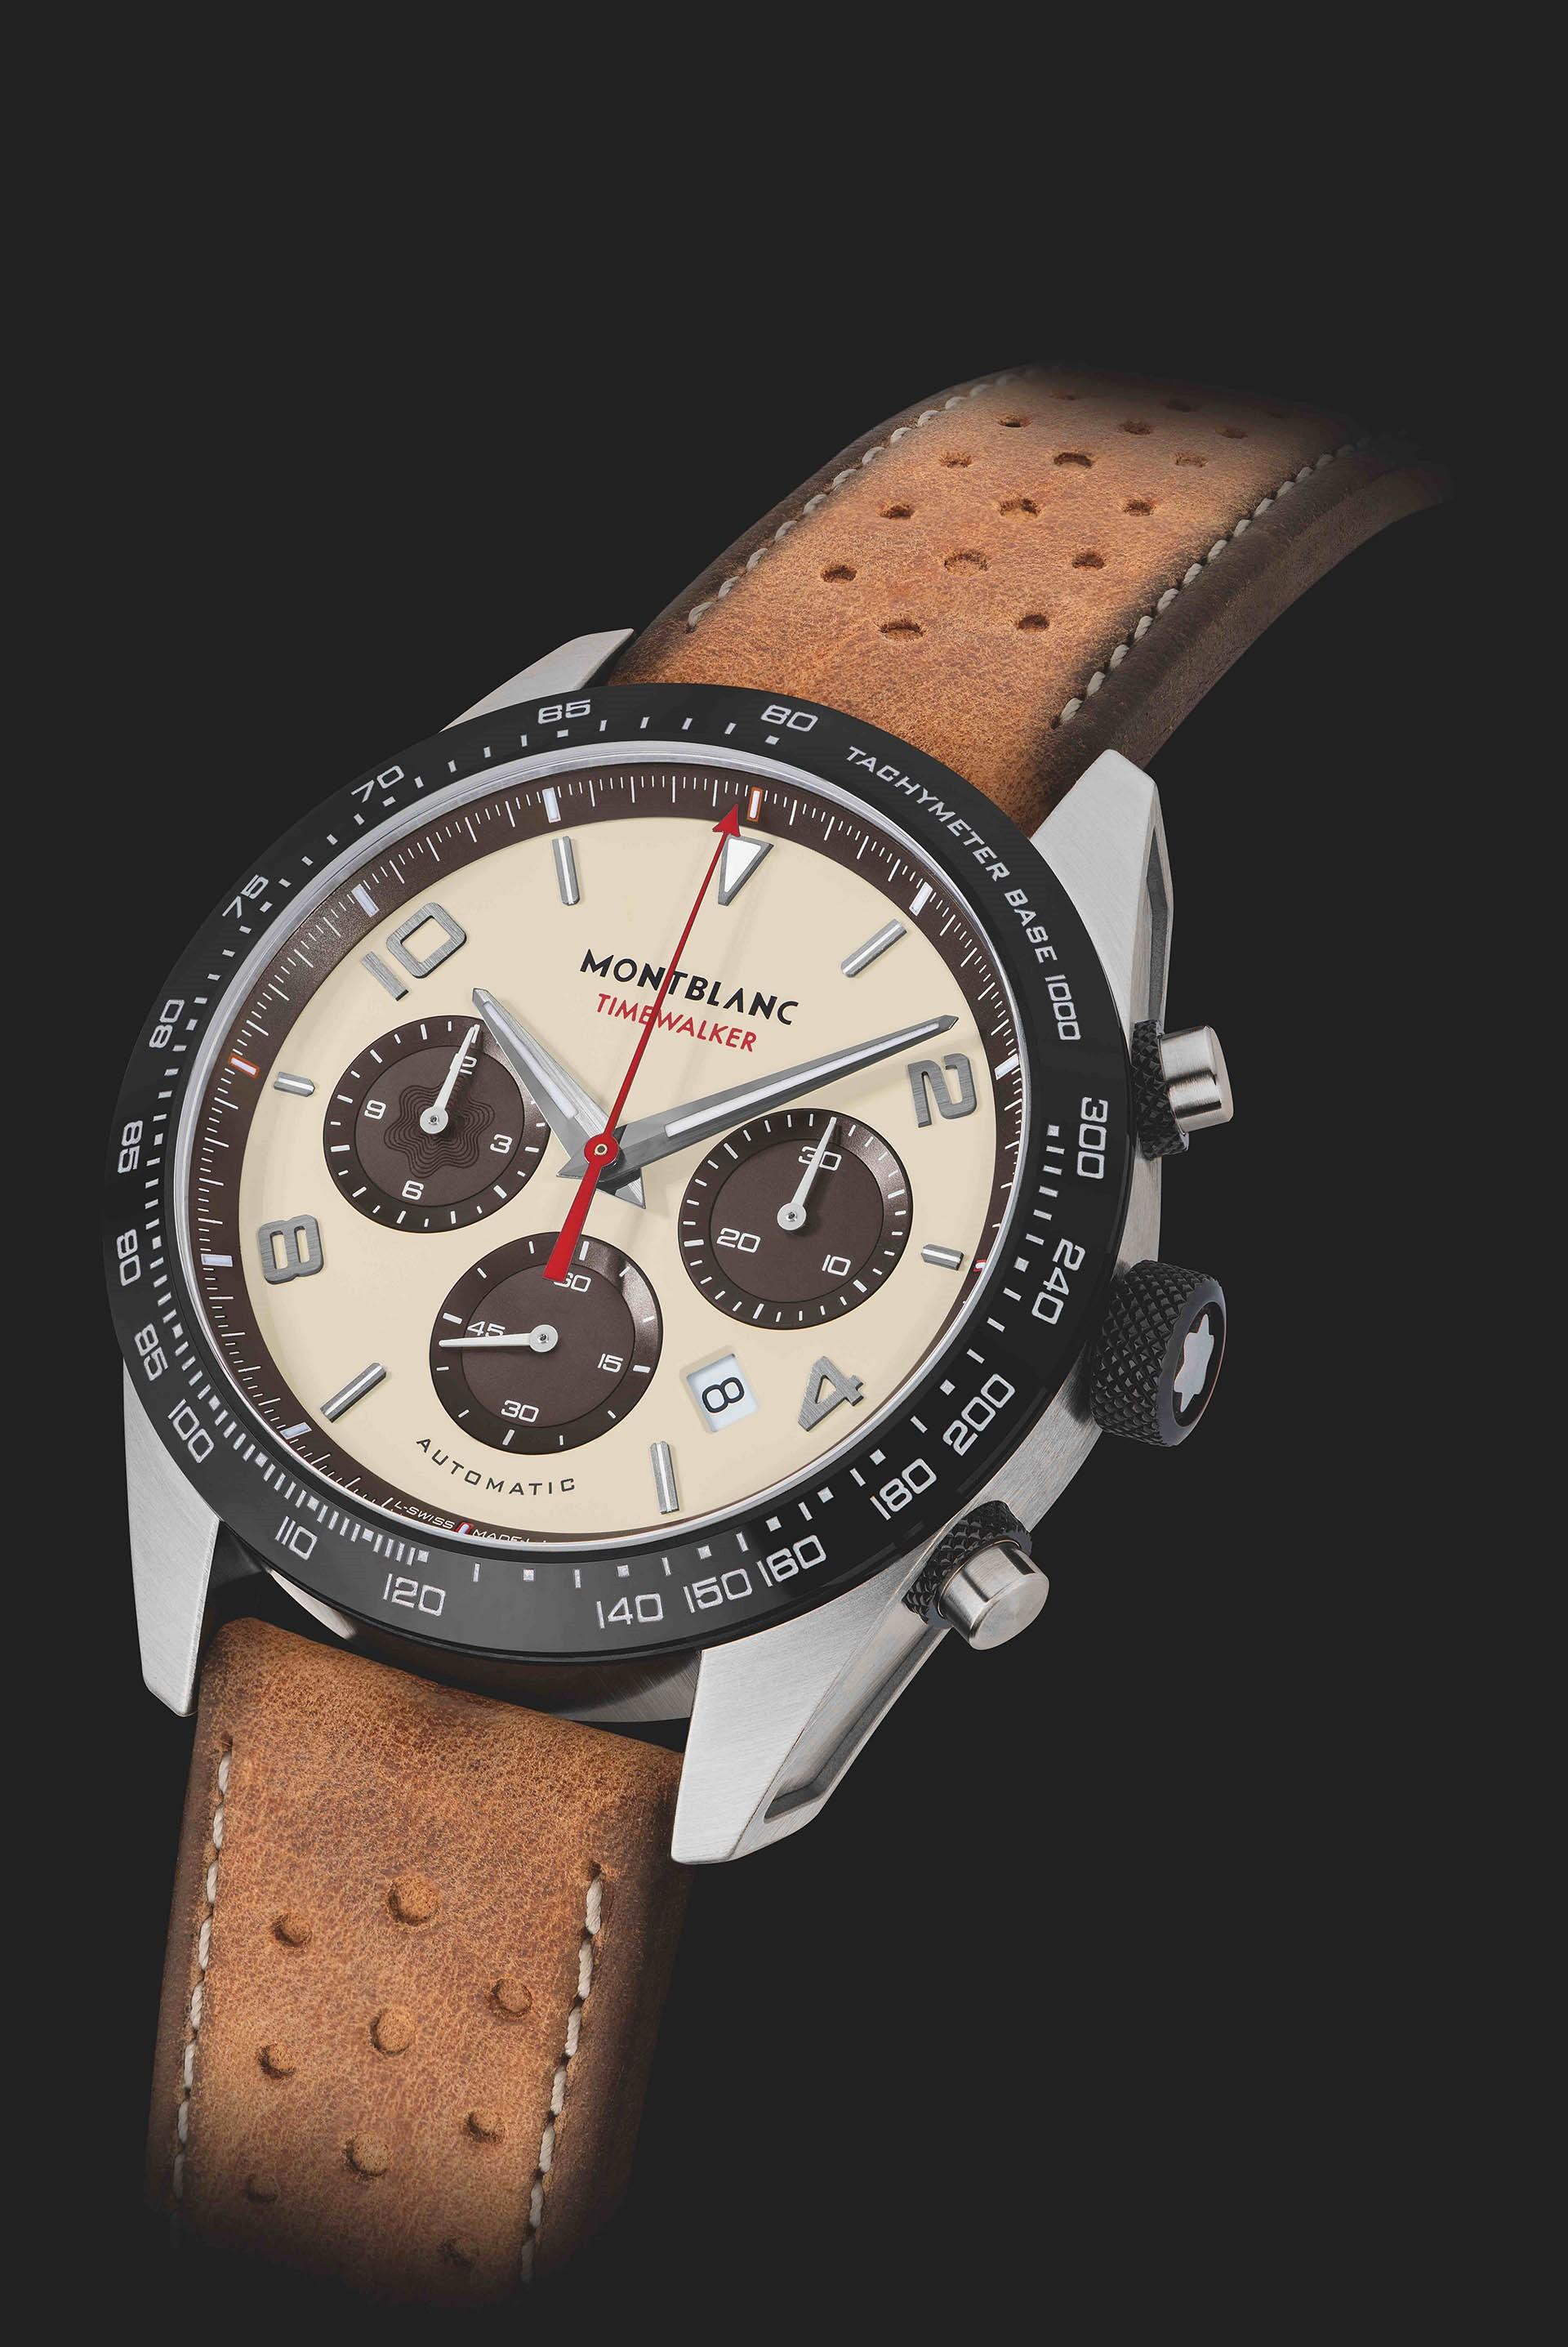 Der TimeWalker Manufacture Chronograph hat ein klassisches «Panda»-Zifferblatt.